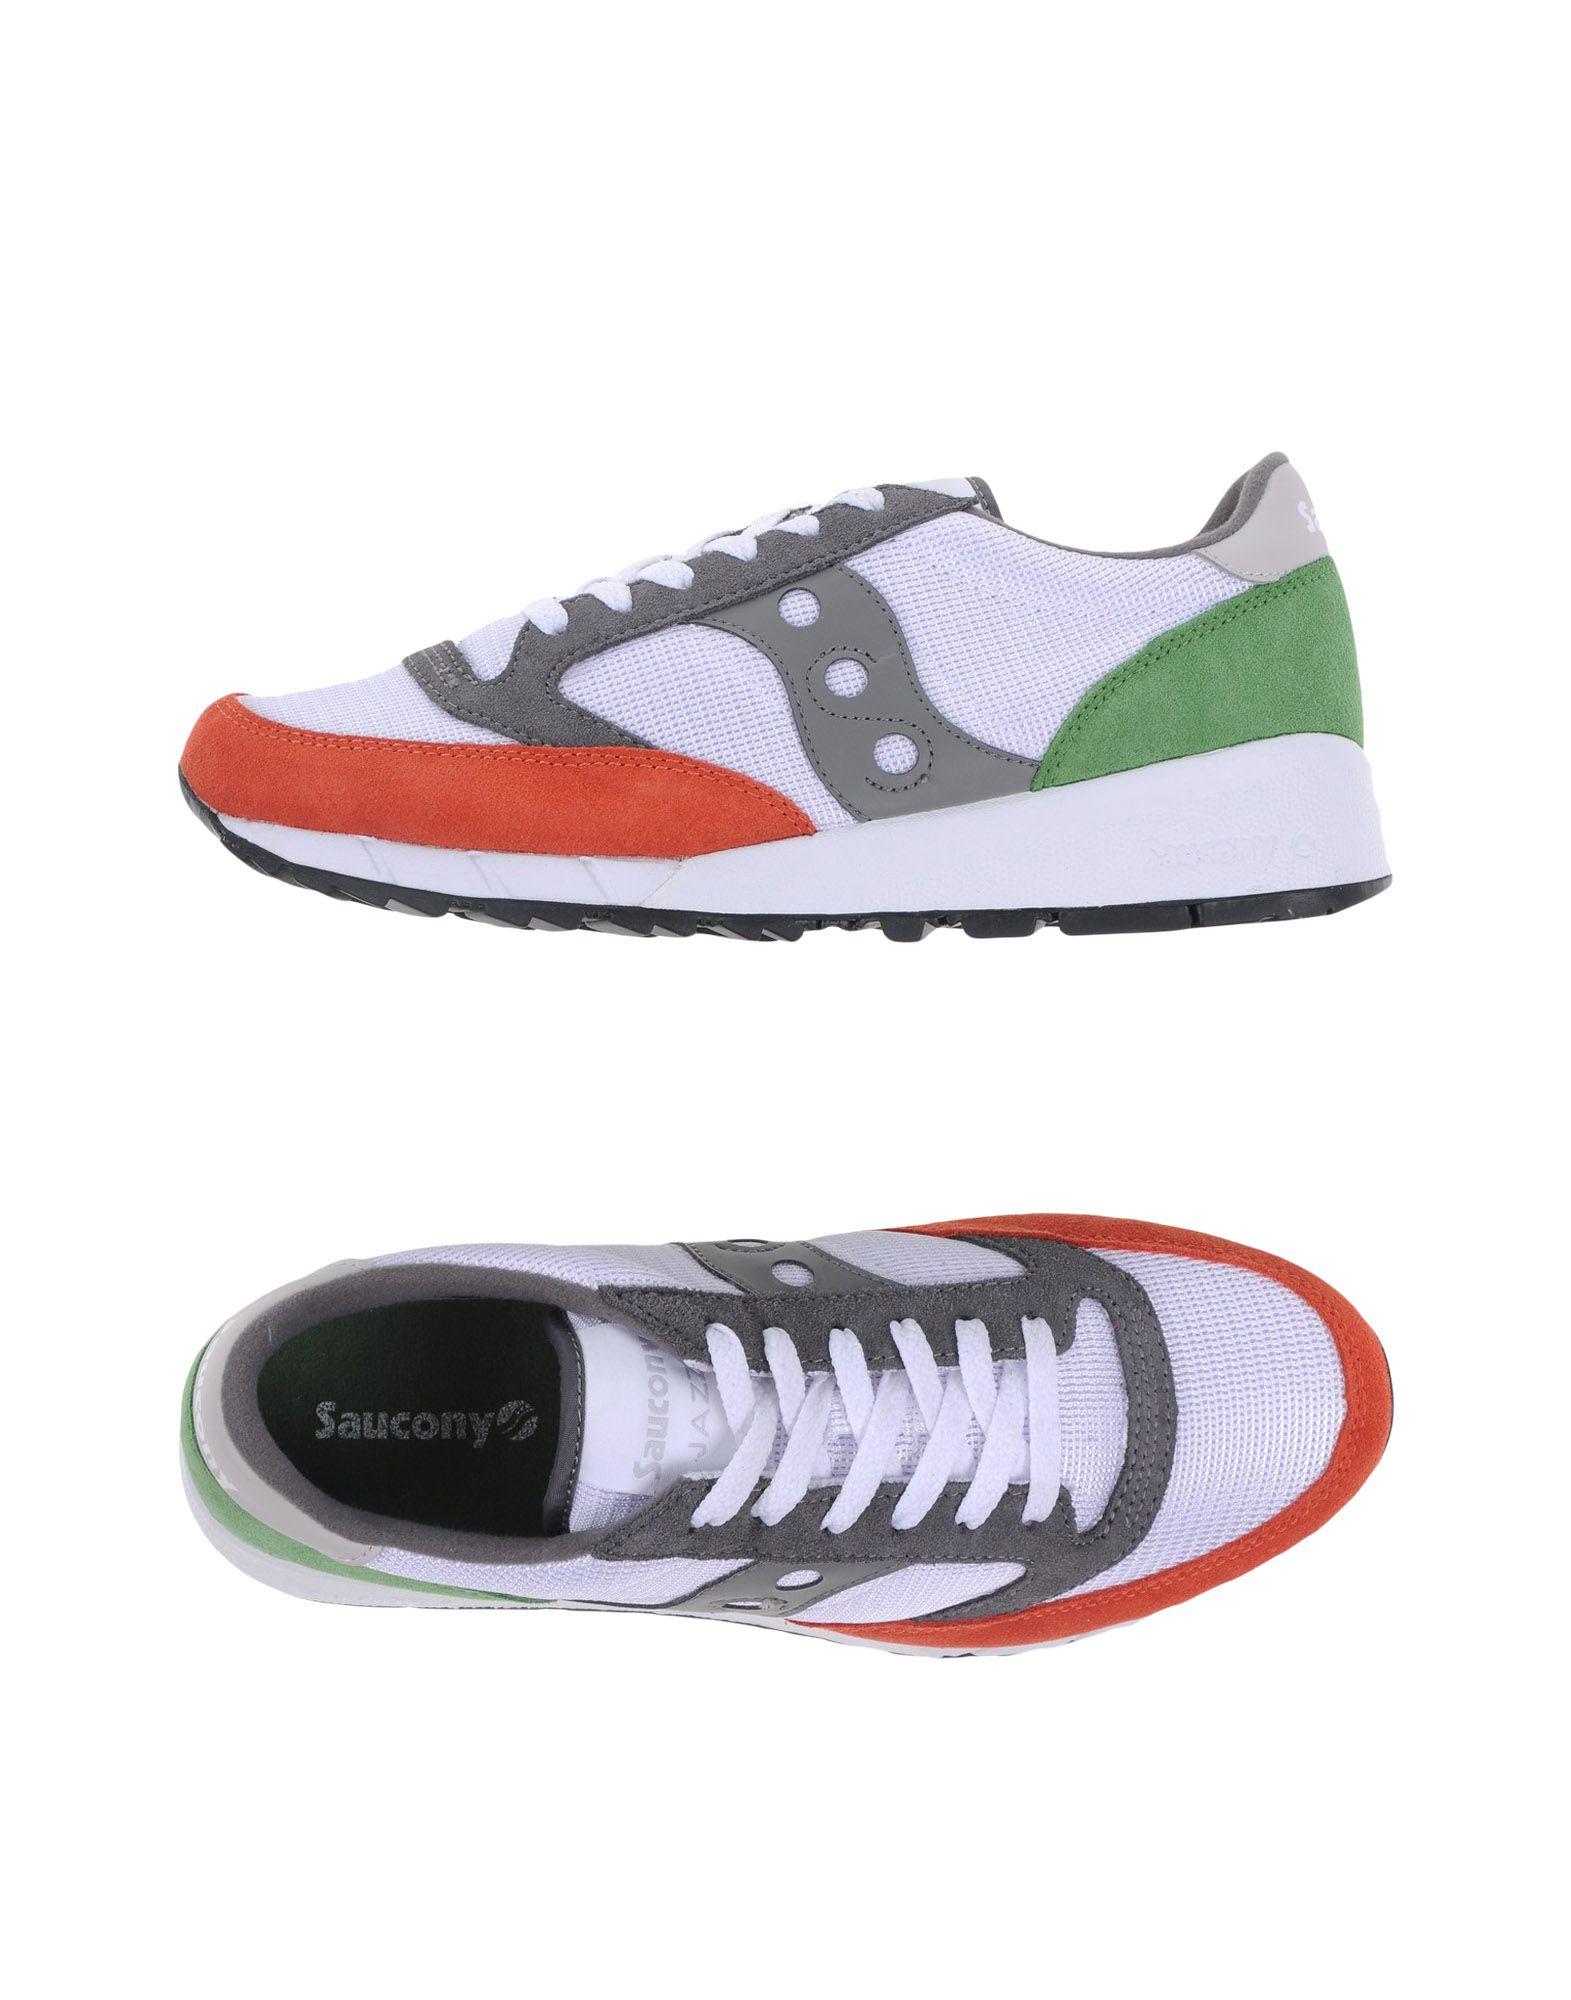 Sneakers Saucony Jazz 91 - Uomo - Acquista online su